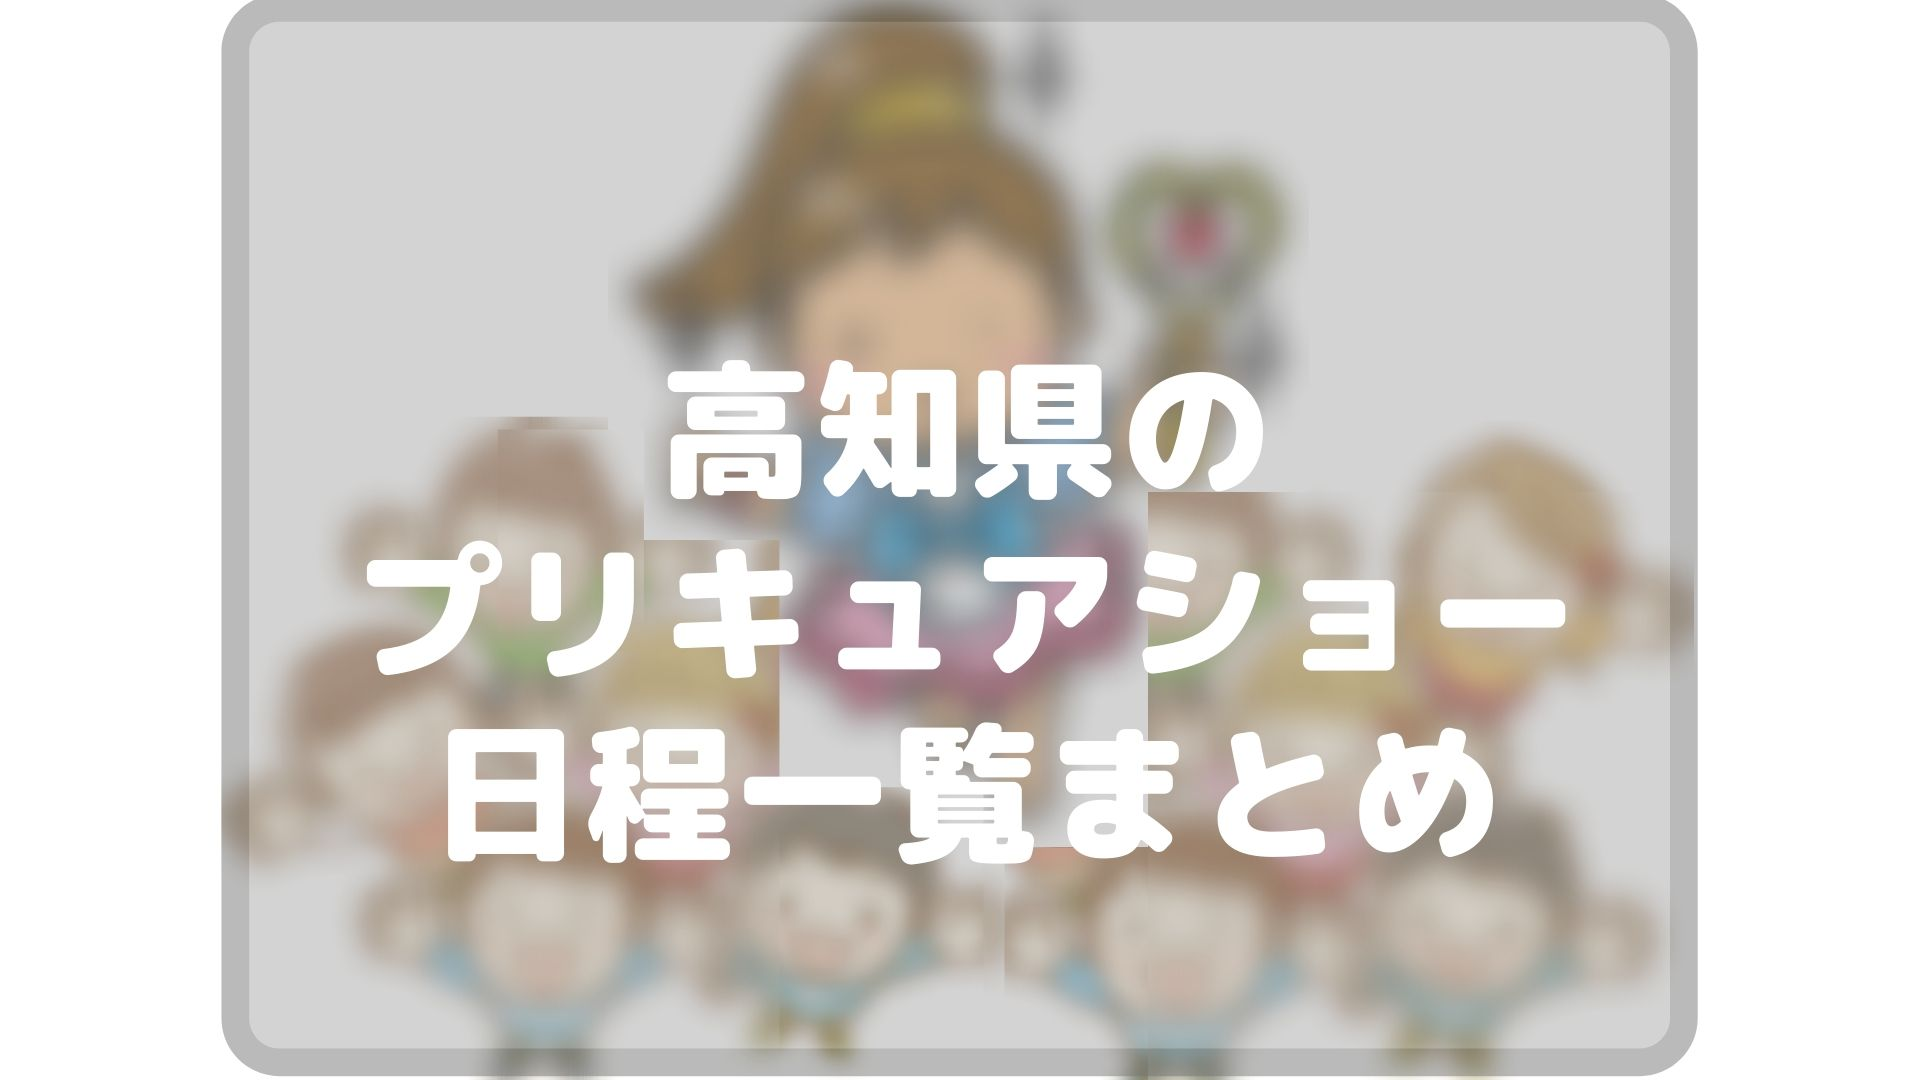 高知県のプリキュアショーまとめタイトル画像